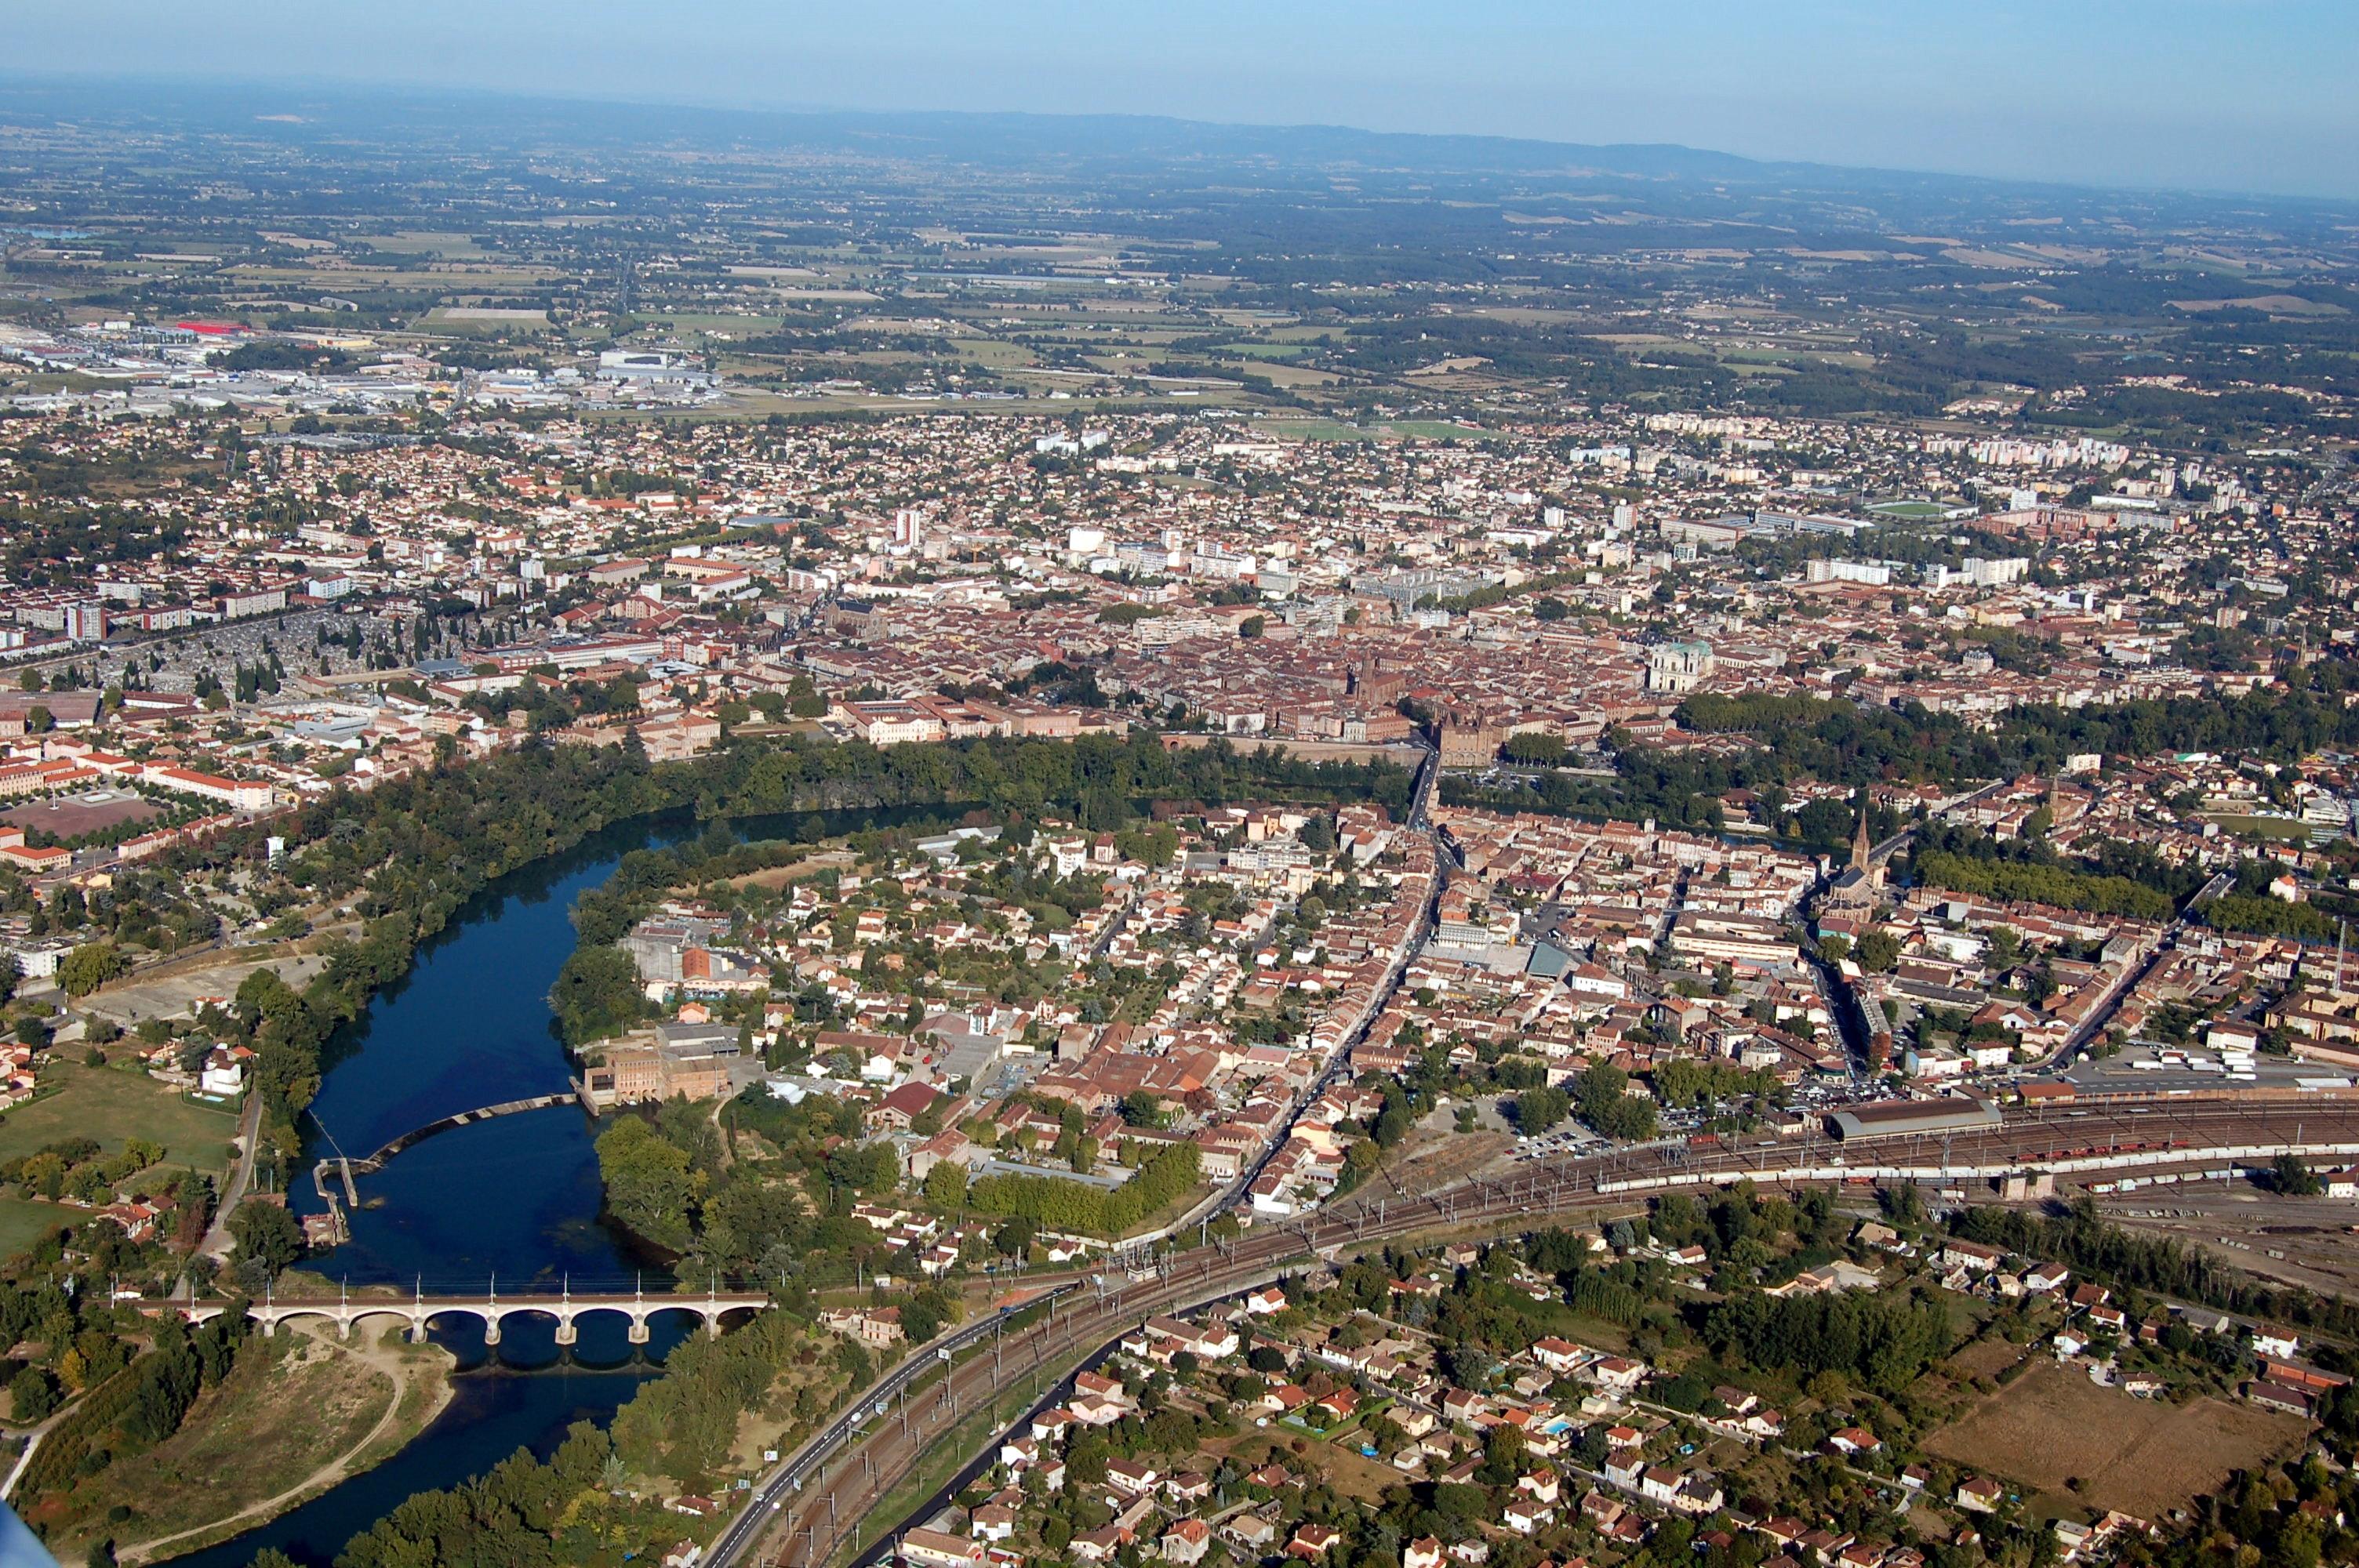 Vue a rienne de la ville de montauban flickr photo for Piscine de montauban